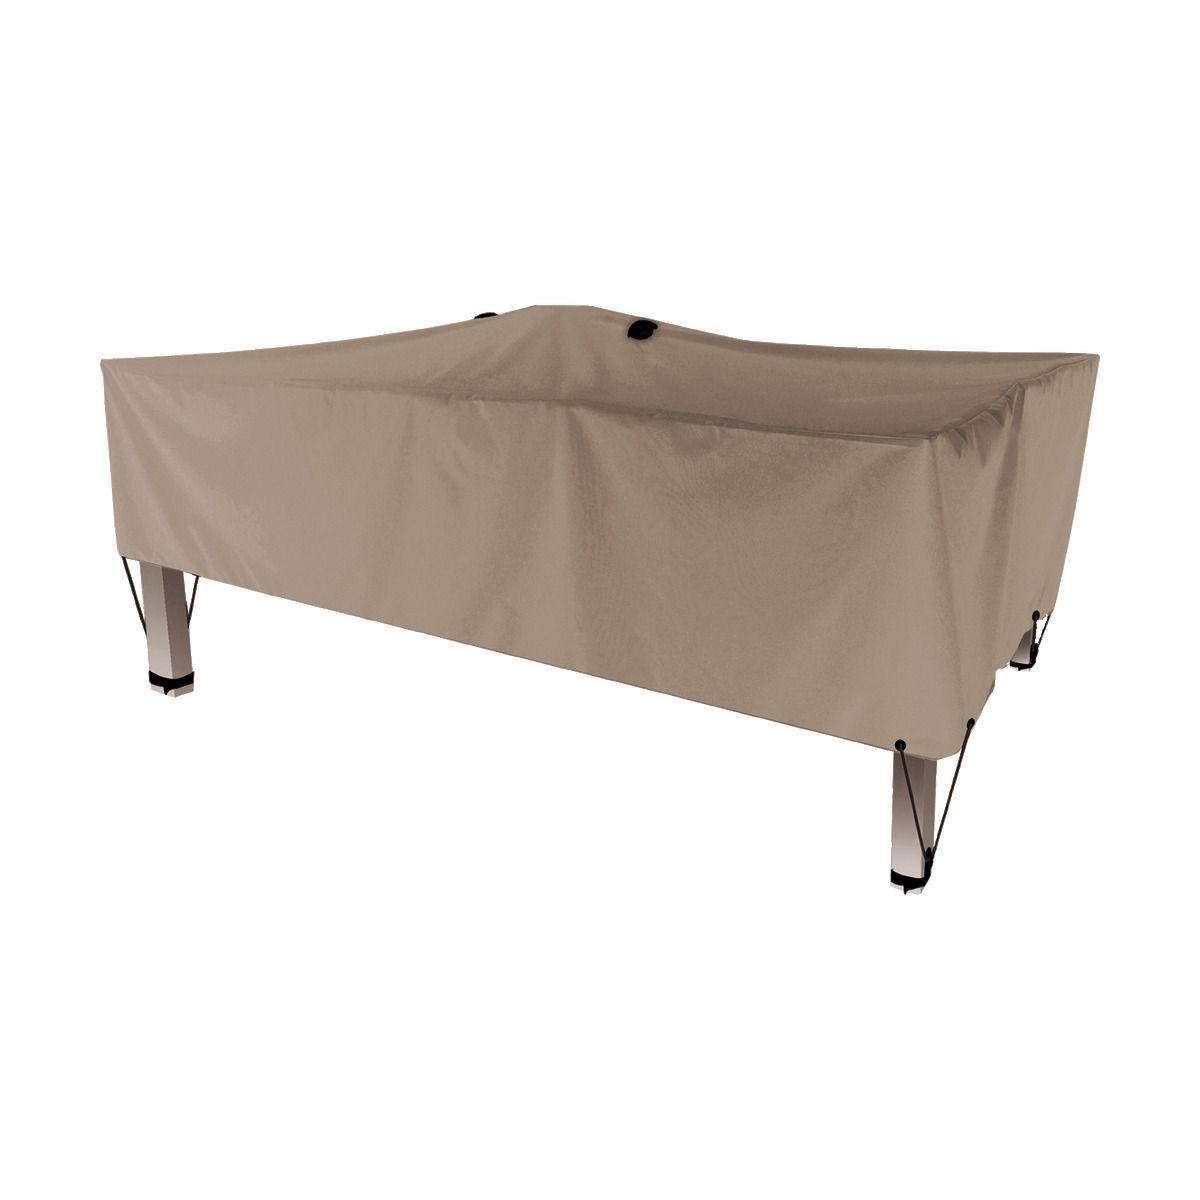 Haute Protection Cette Housse Protege Votre Table De Jardin